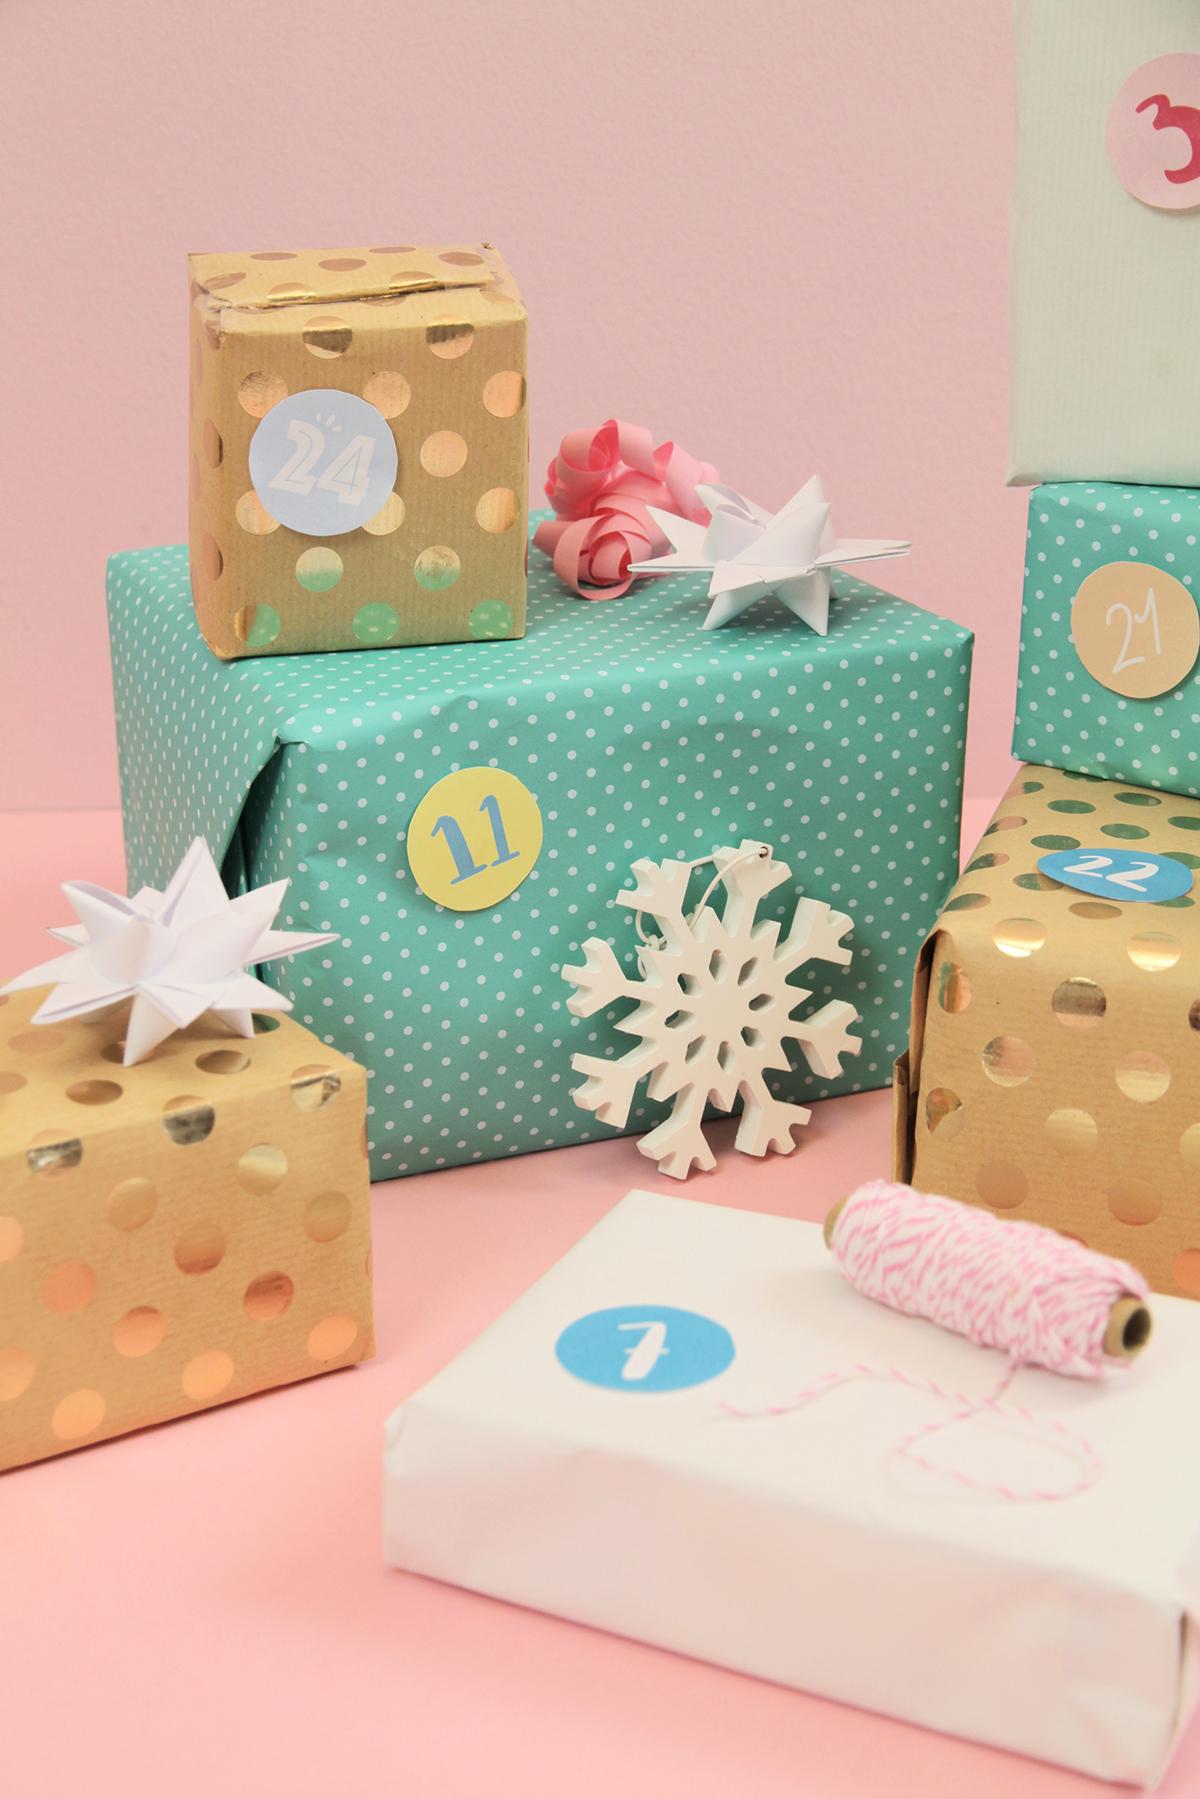 Makerist-Gratis-Printable-für-Weihnachten-Adventskalender-Zahlen-drucken-8